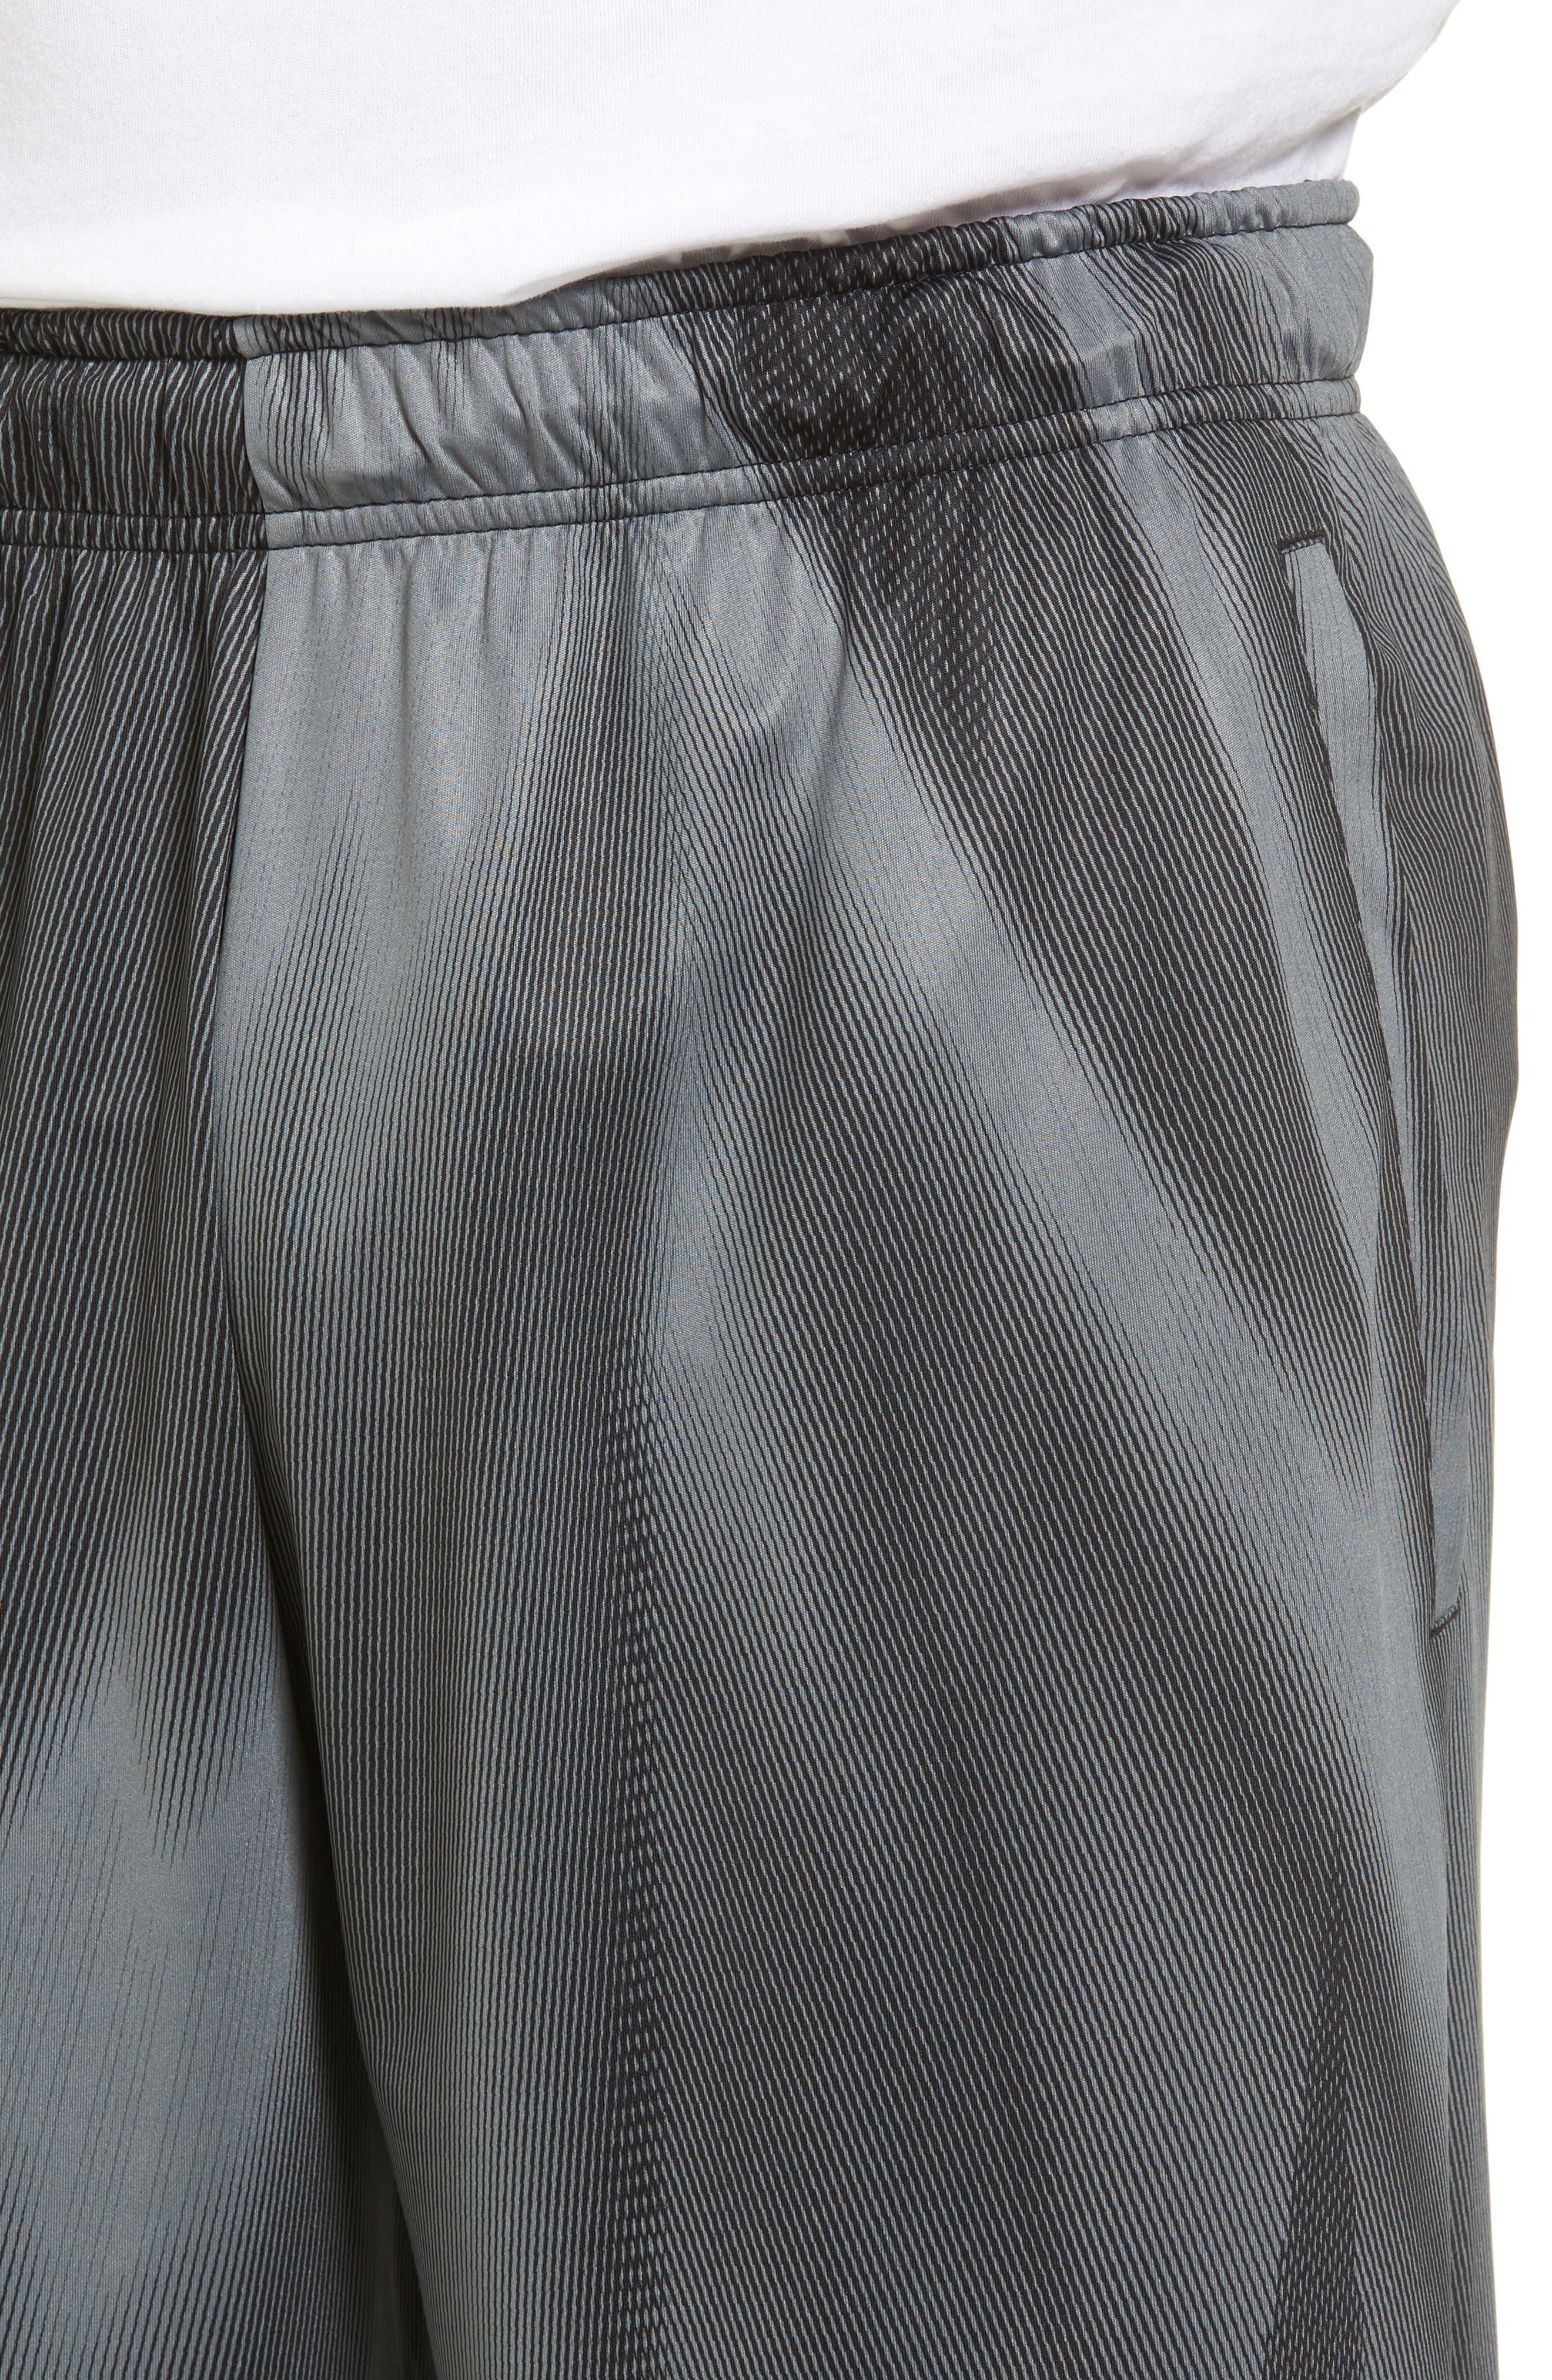 Dry Training Shorts,                             Alternate thumbnail 4, color,                             Black/ Black